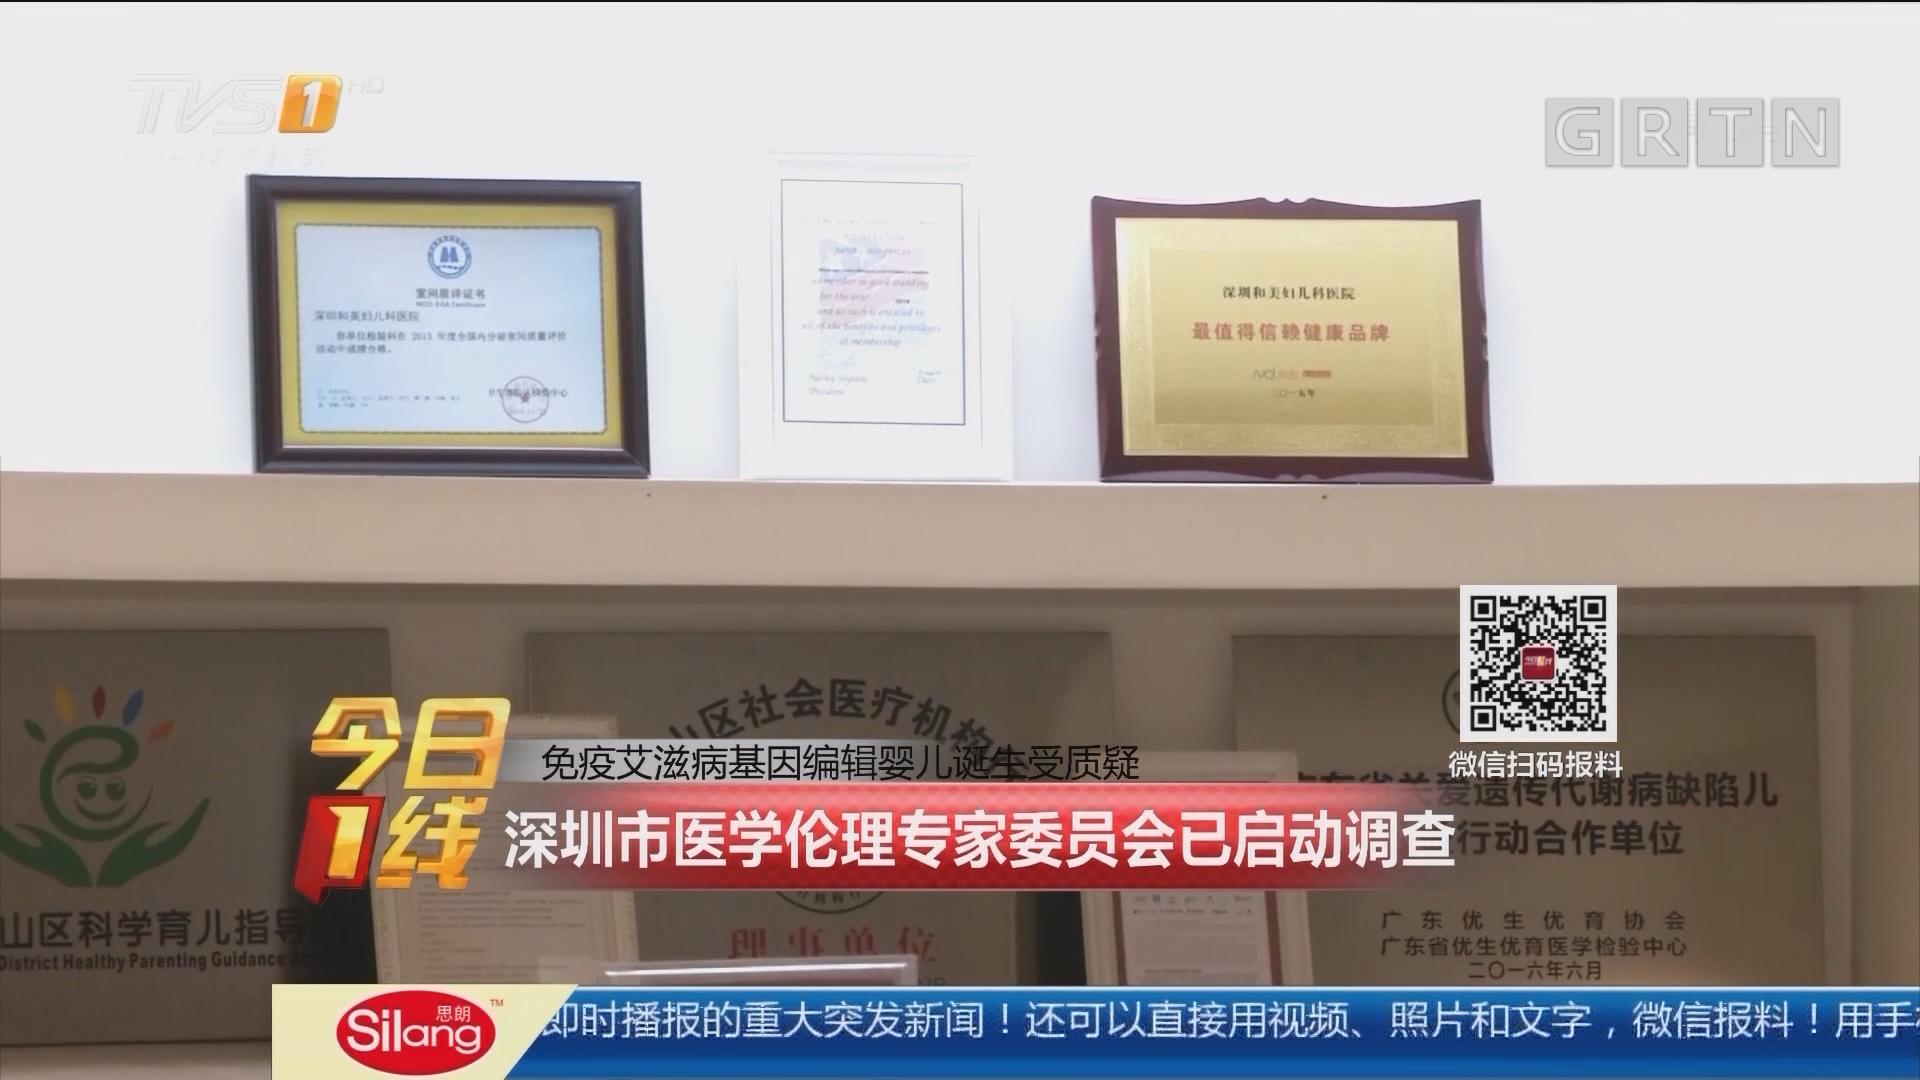 免疫艾滋病基因编辑婴儿诞生受质疑:深圳市医学伦理专家委员会已启动调查